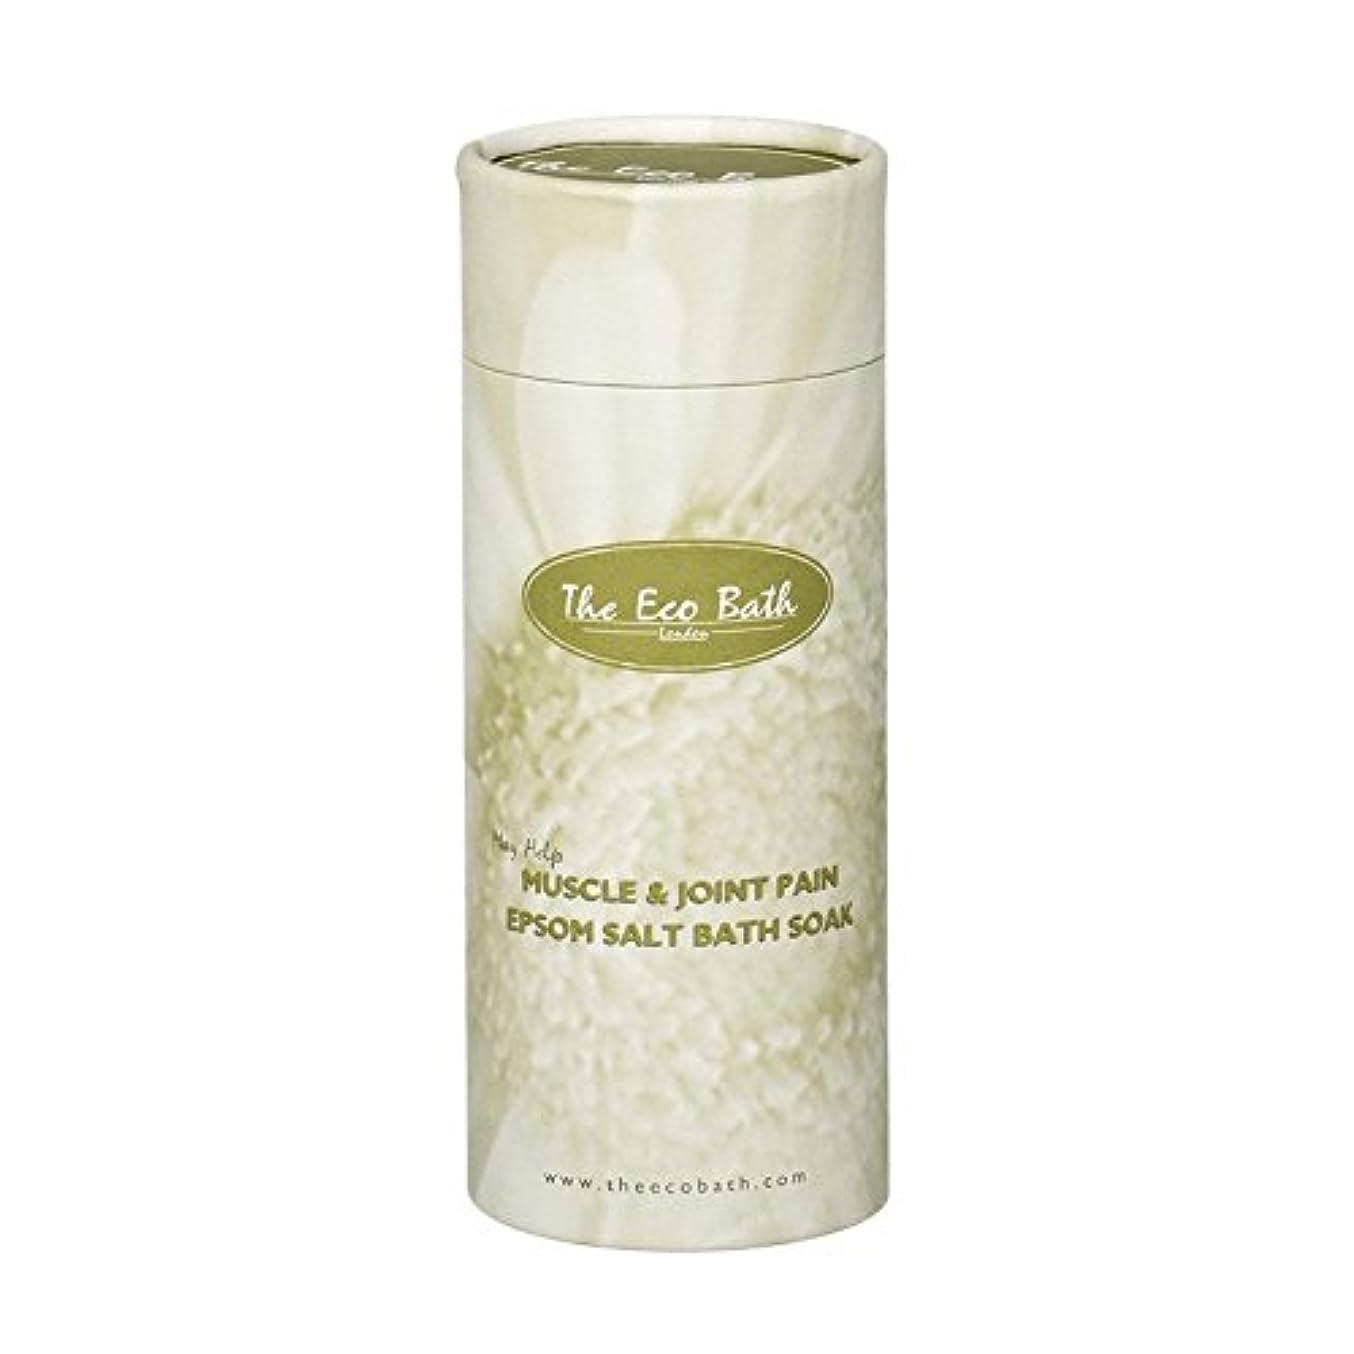 ガラガラ型呼びかけるThe Eco Bath Epsom Salt Bath Soak for Muscle & Joint Pain (Pack of 2) - エコバスエプソム塩浴が筋肉&関節の痛みのために浸します (x2) [並行輸入品]